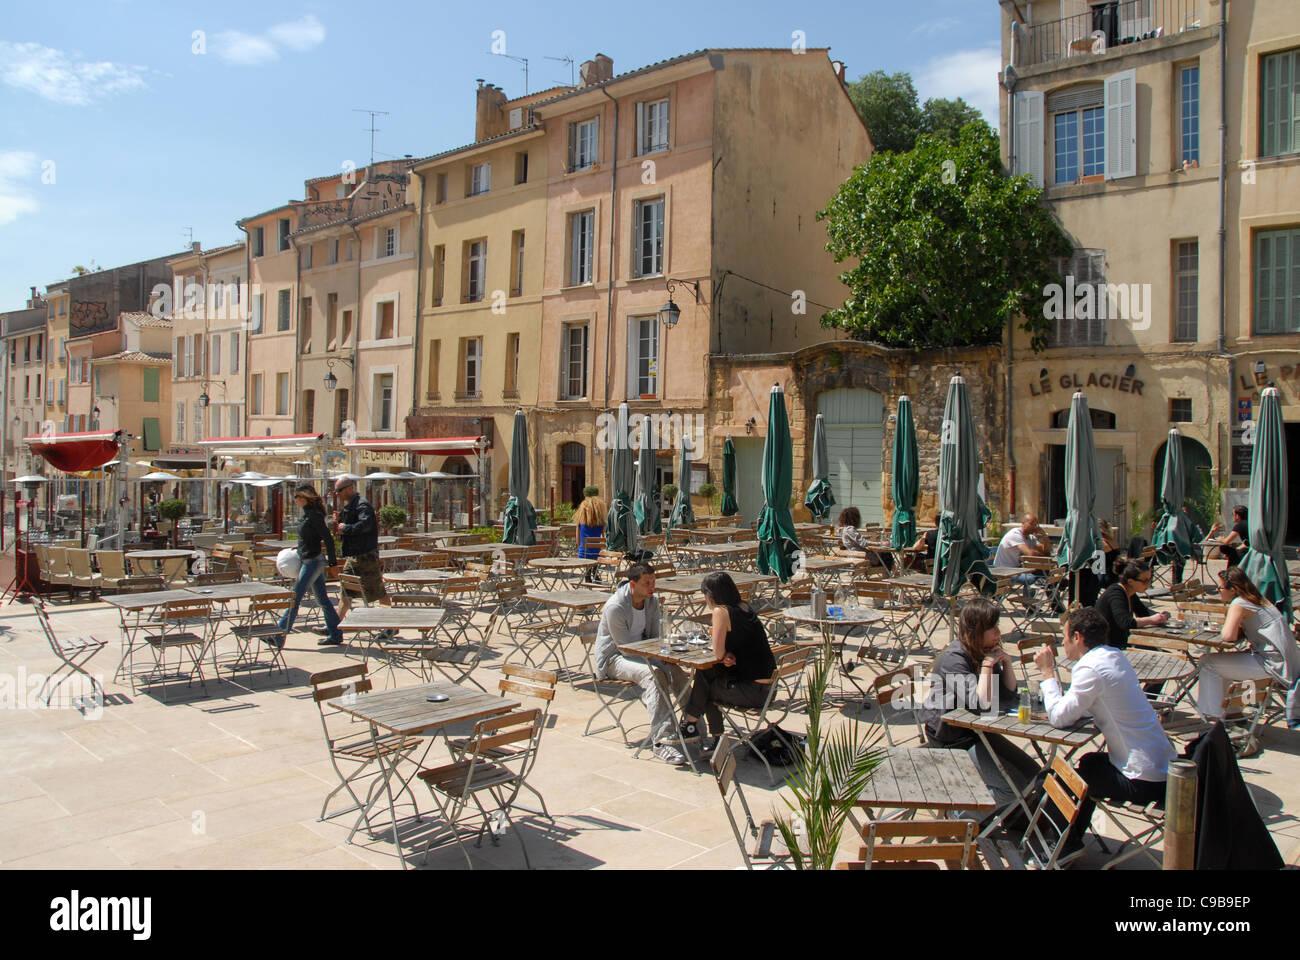 Terrasse cafés on the Place des Cardeurs in Aix-en-Provence - Stock Image